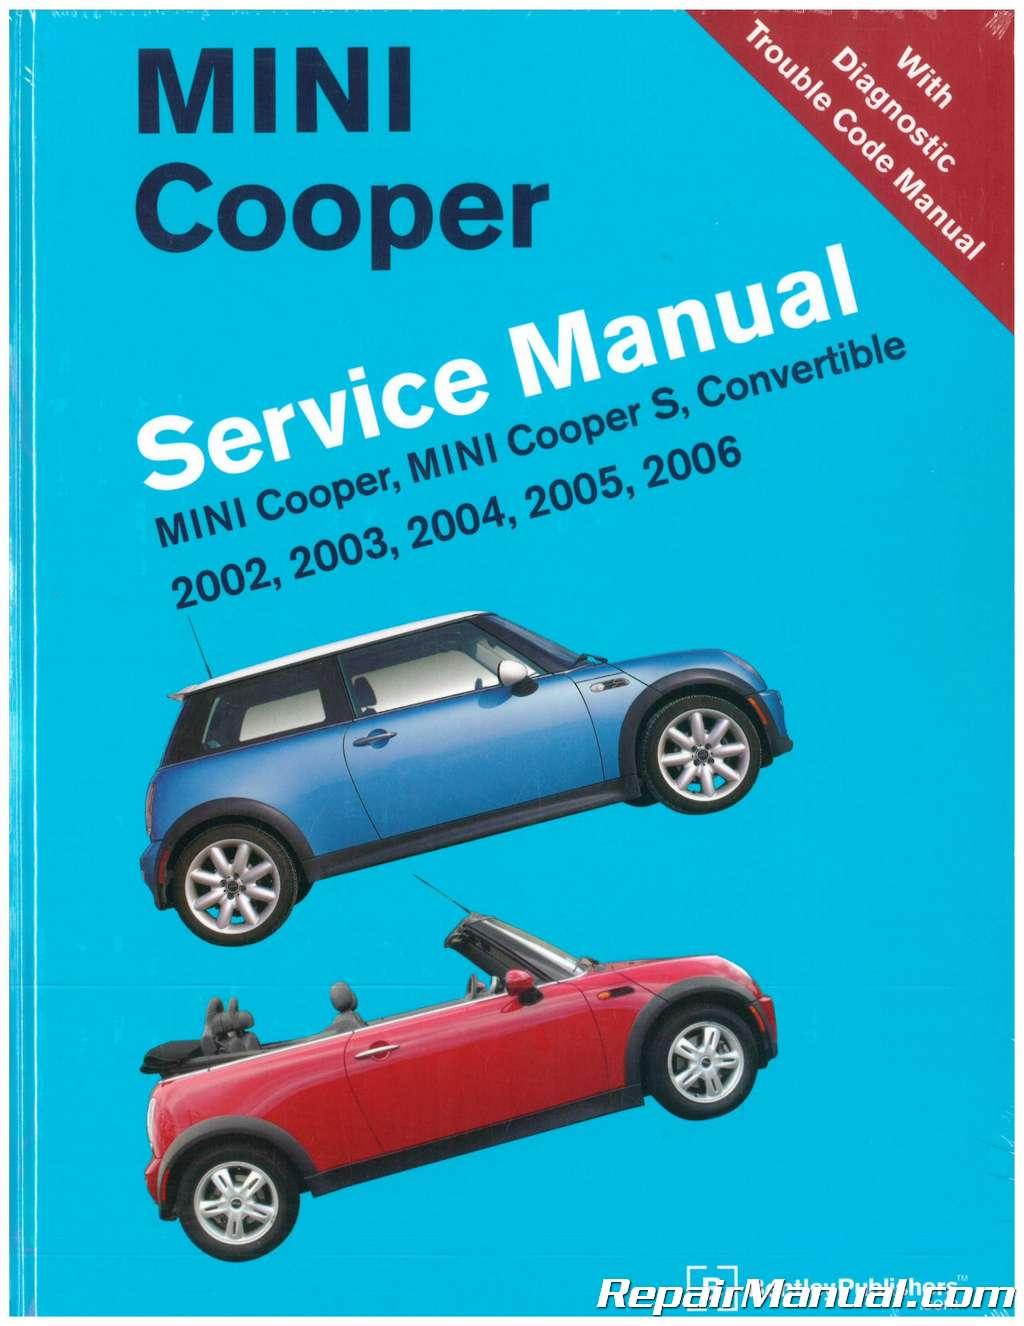 mini cooper service manual 2002 2006 rh repairmanual com Merck Diagnostic Manual DSM to the Scientific Basis